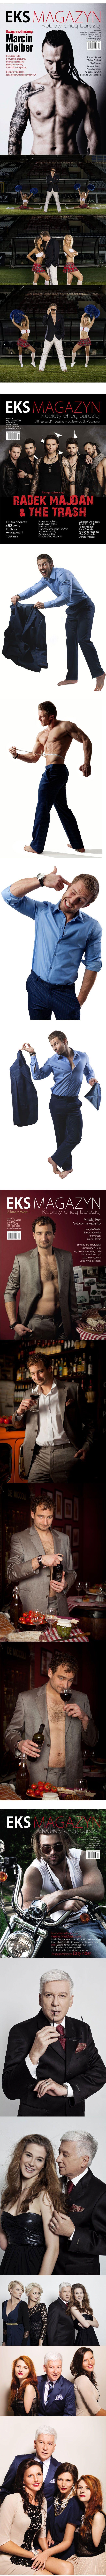 Nie #garnitur zdobi mężczyznę, ale... czyż nie wygląda #sEksownie #mezczyzna w dobrze skrojonym garniturze?  Wysokiej klasy tkaniny, świetne kroje to właśnie garnitury od Andre Grand http://www.eksmagazyn.pl/moda/sztuka-ubioru/garnitur-w-najlepszym-wydaniu/ #suits